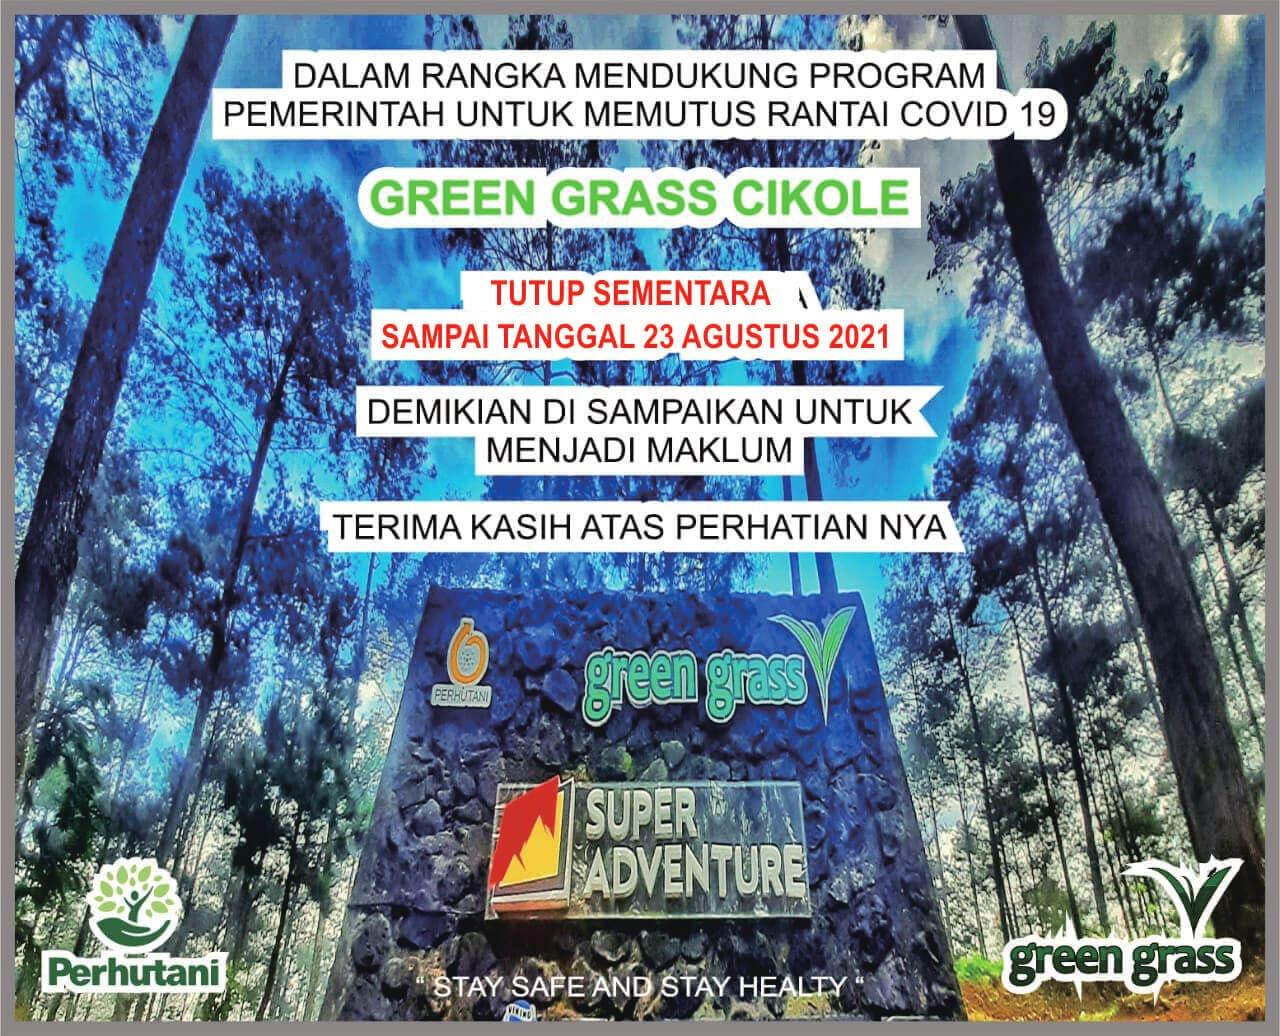 Green Grass Cikole Lembang tutup Sementara